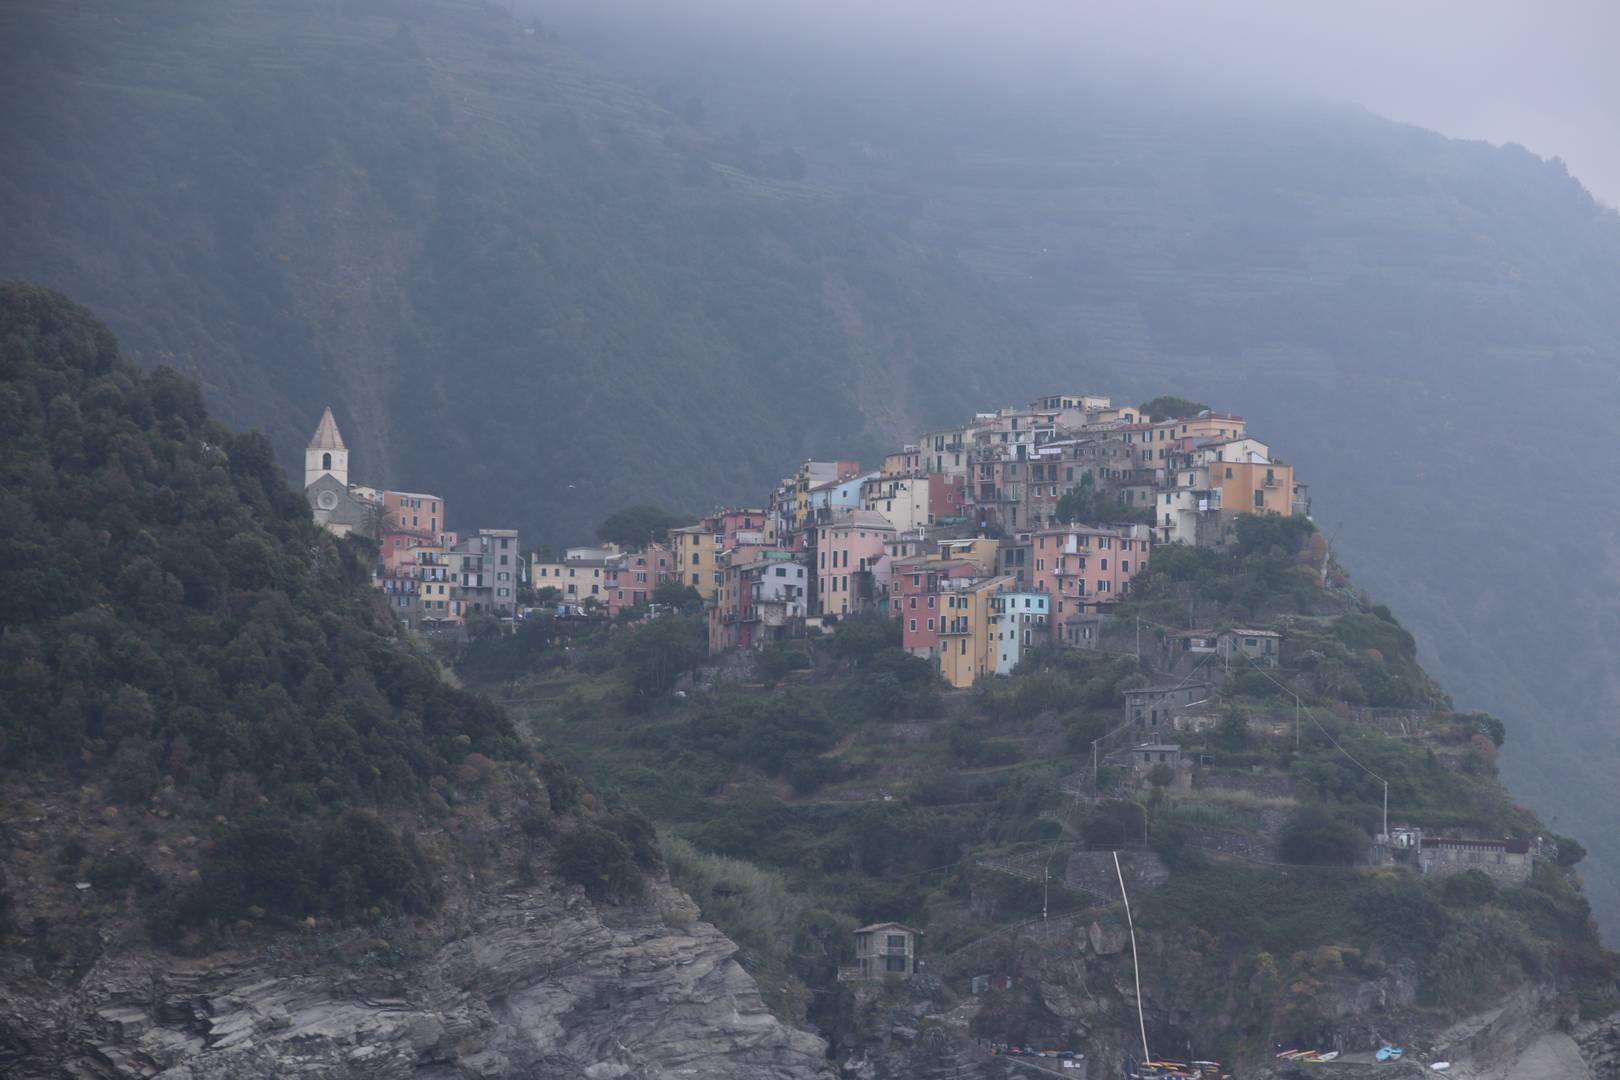 Italie - Village de Corniglia, parc des cinque terre